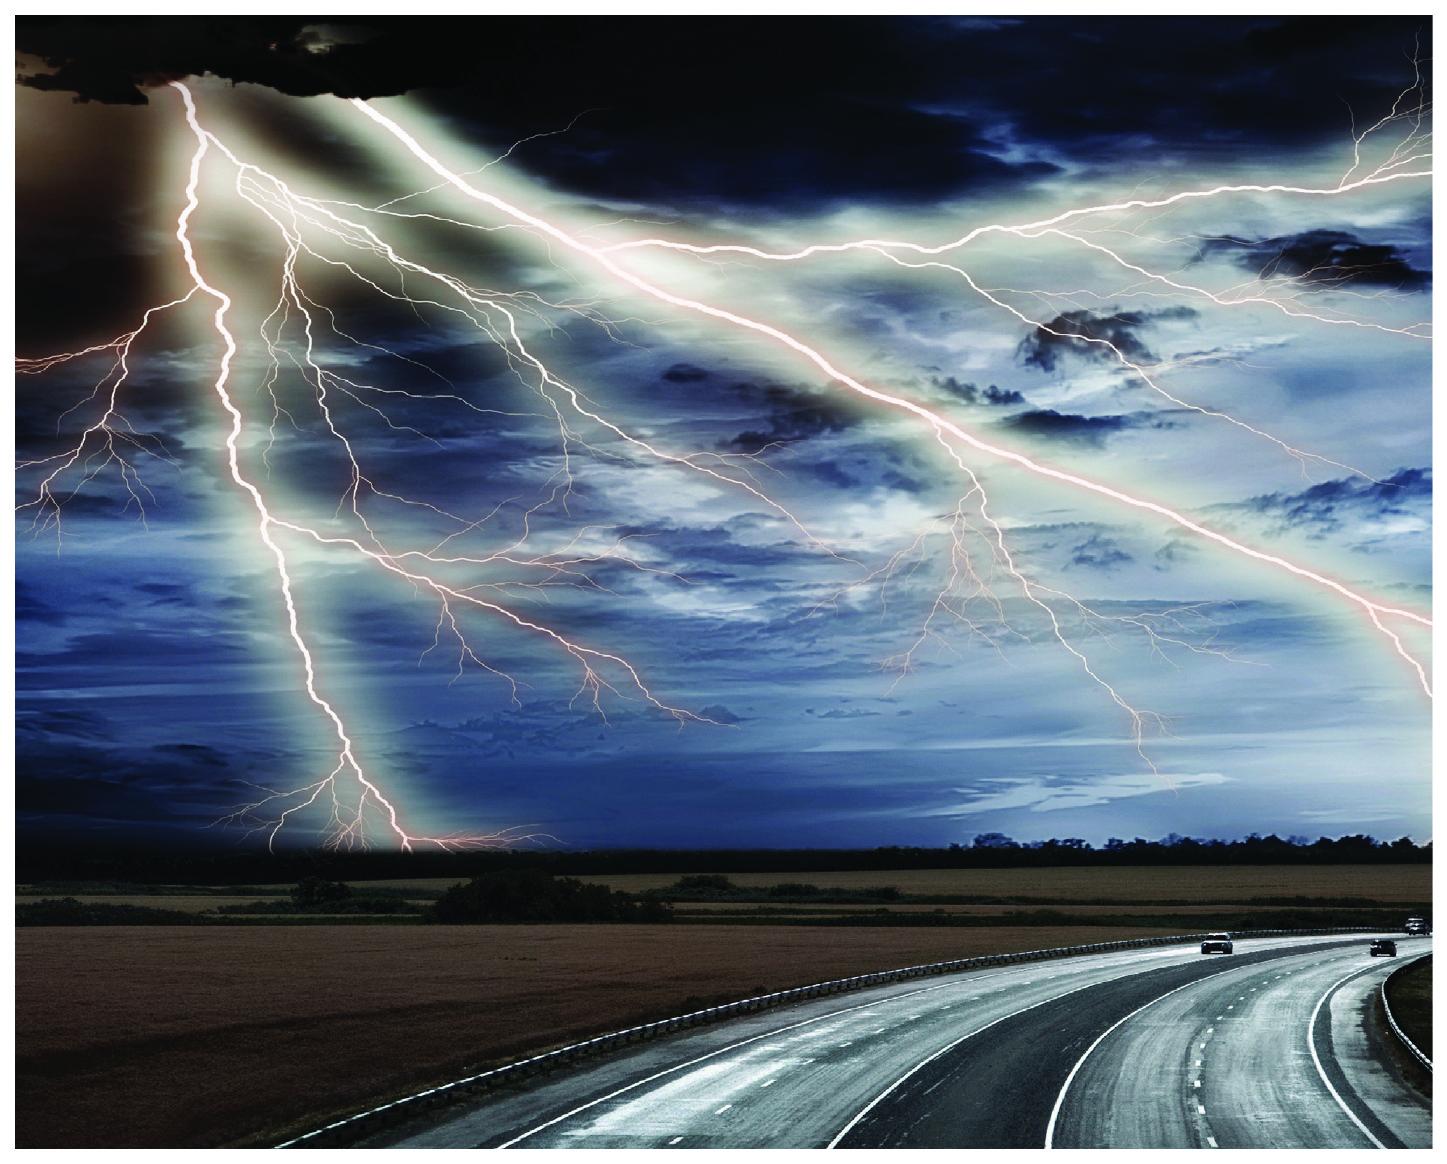 Thunder_6-7-01